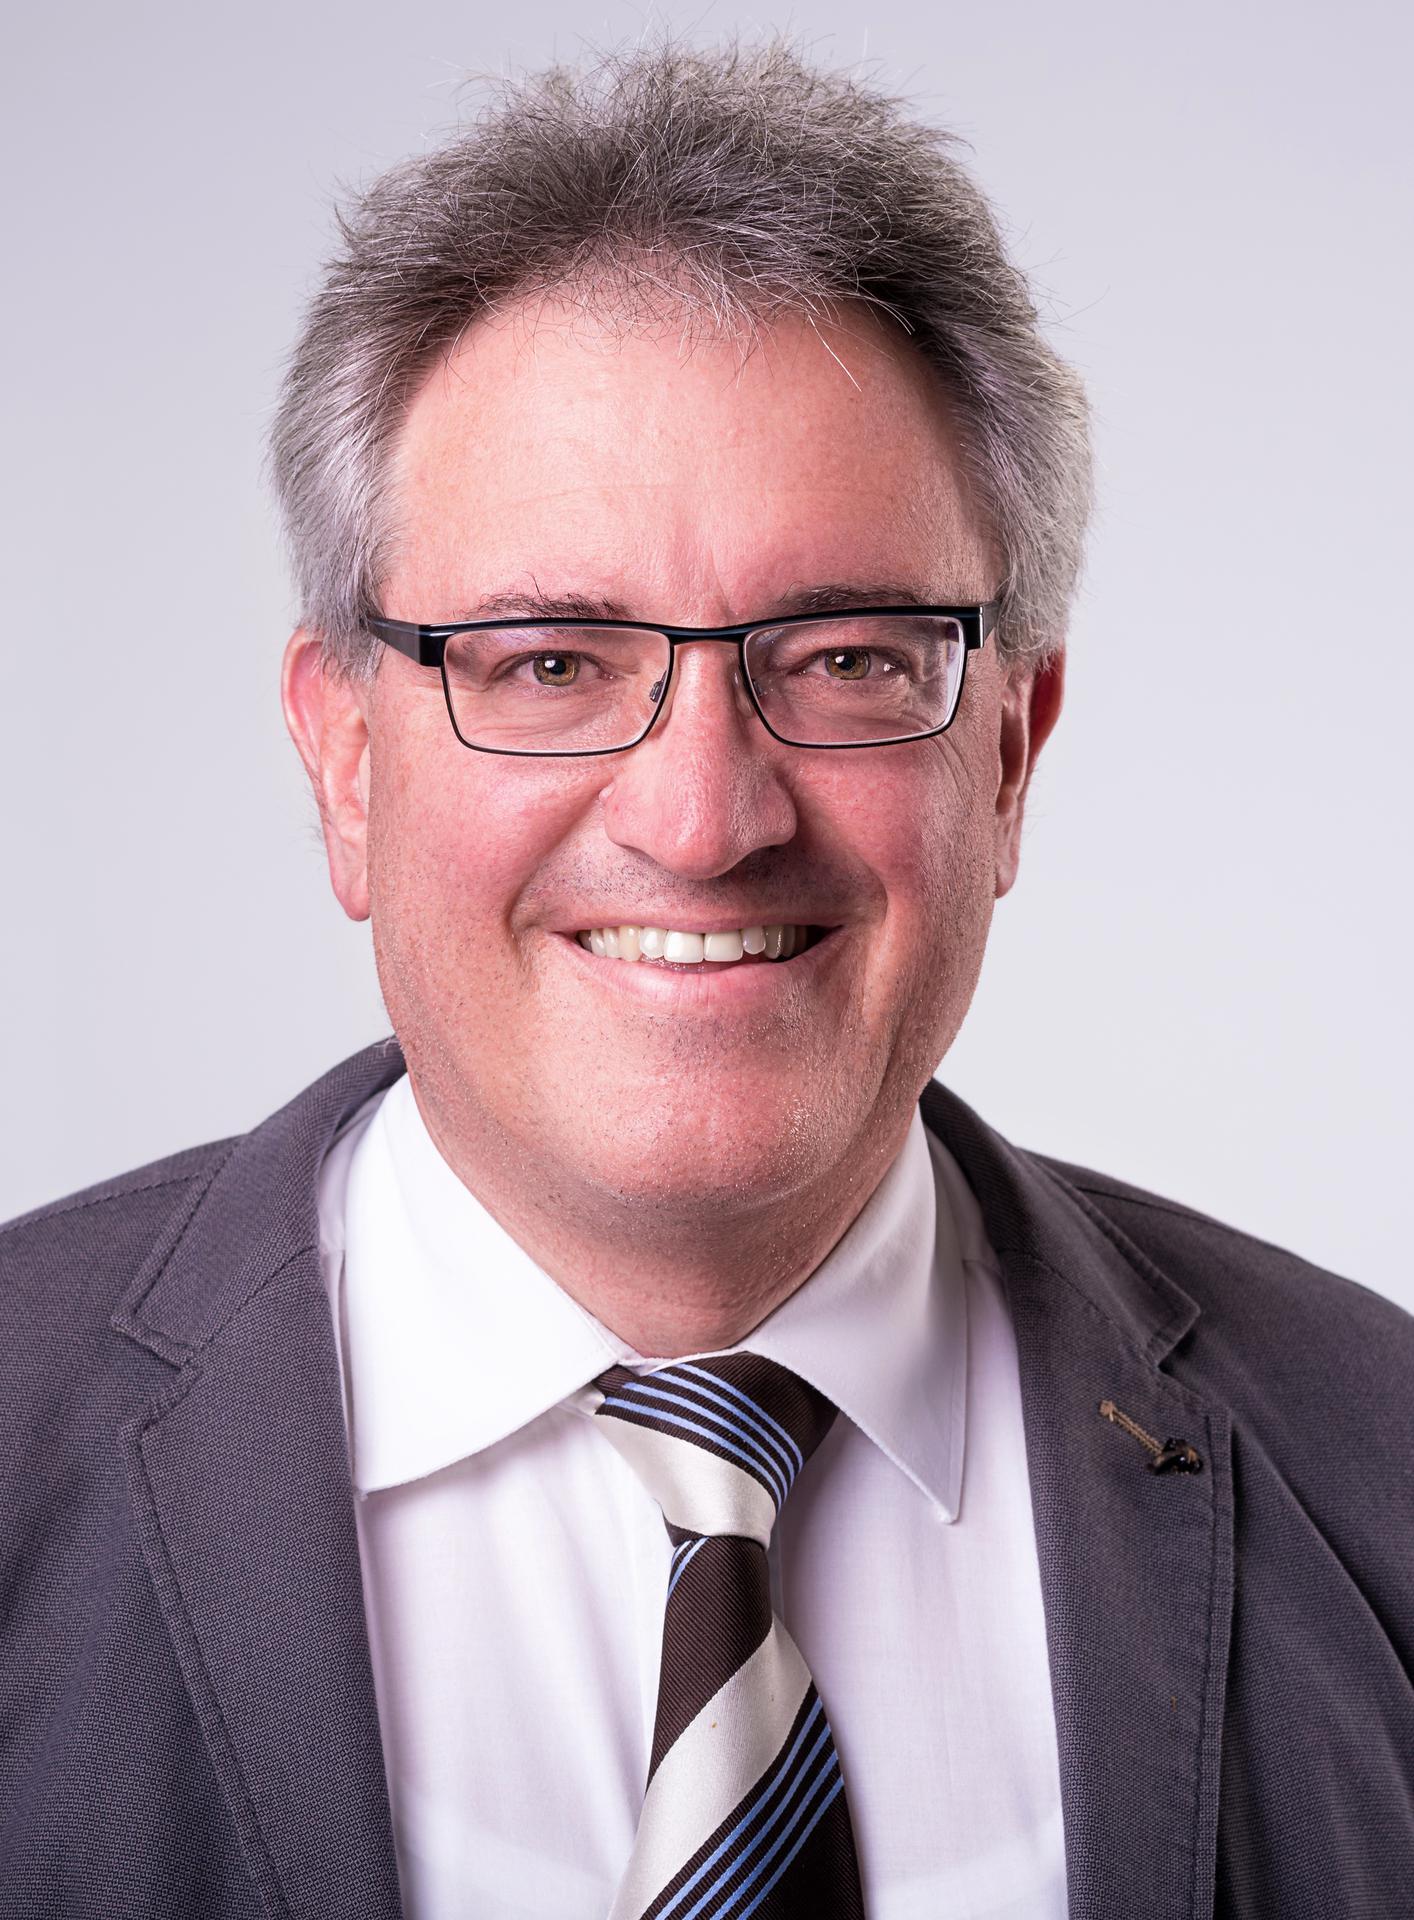 Prof. Dr. Michael Kißkalt - Theologische Hochschule Elstal